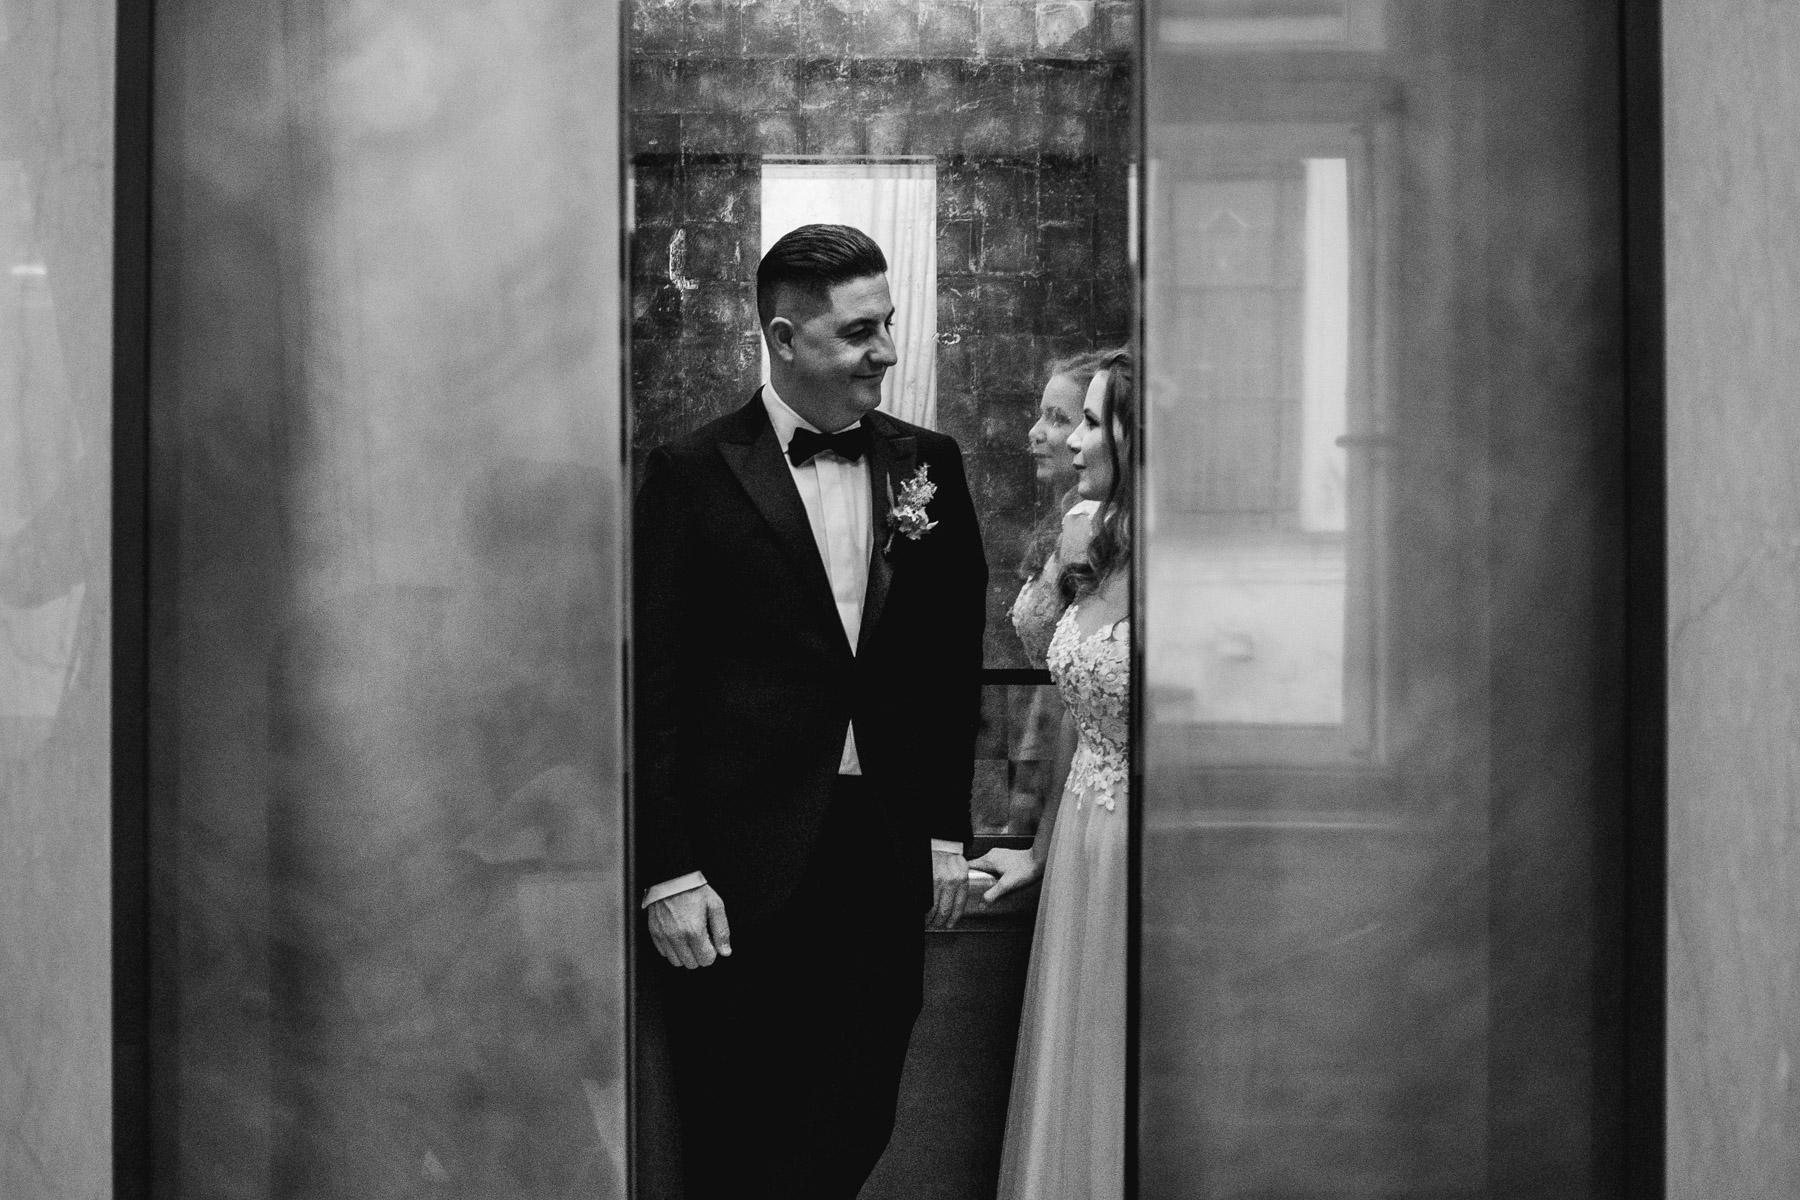 MartinLiebl_Kein_Hochzeitsfotograf_No_Wedding_Photographer_Budapest_Gresham_Palace_020.jpg